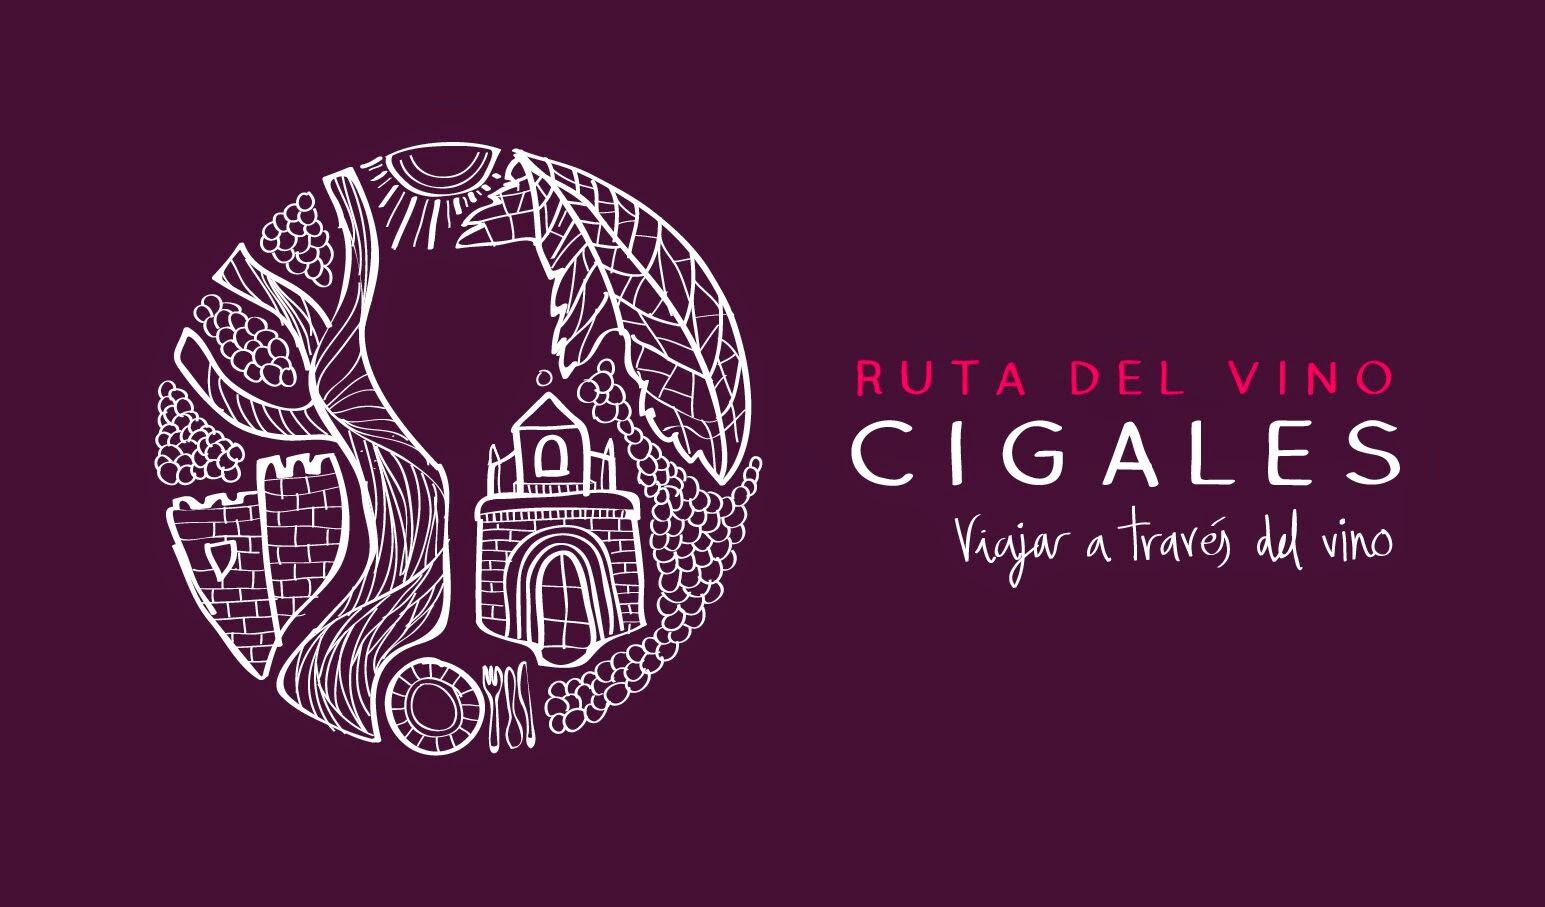 Ruta del Vino Cigales